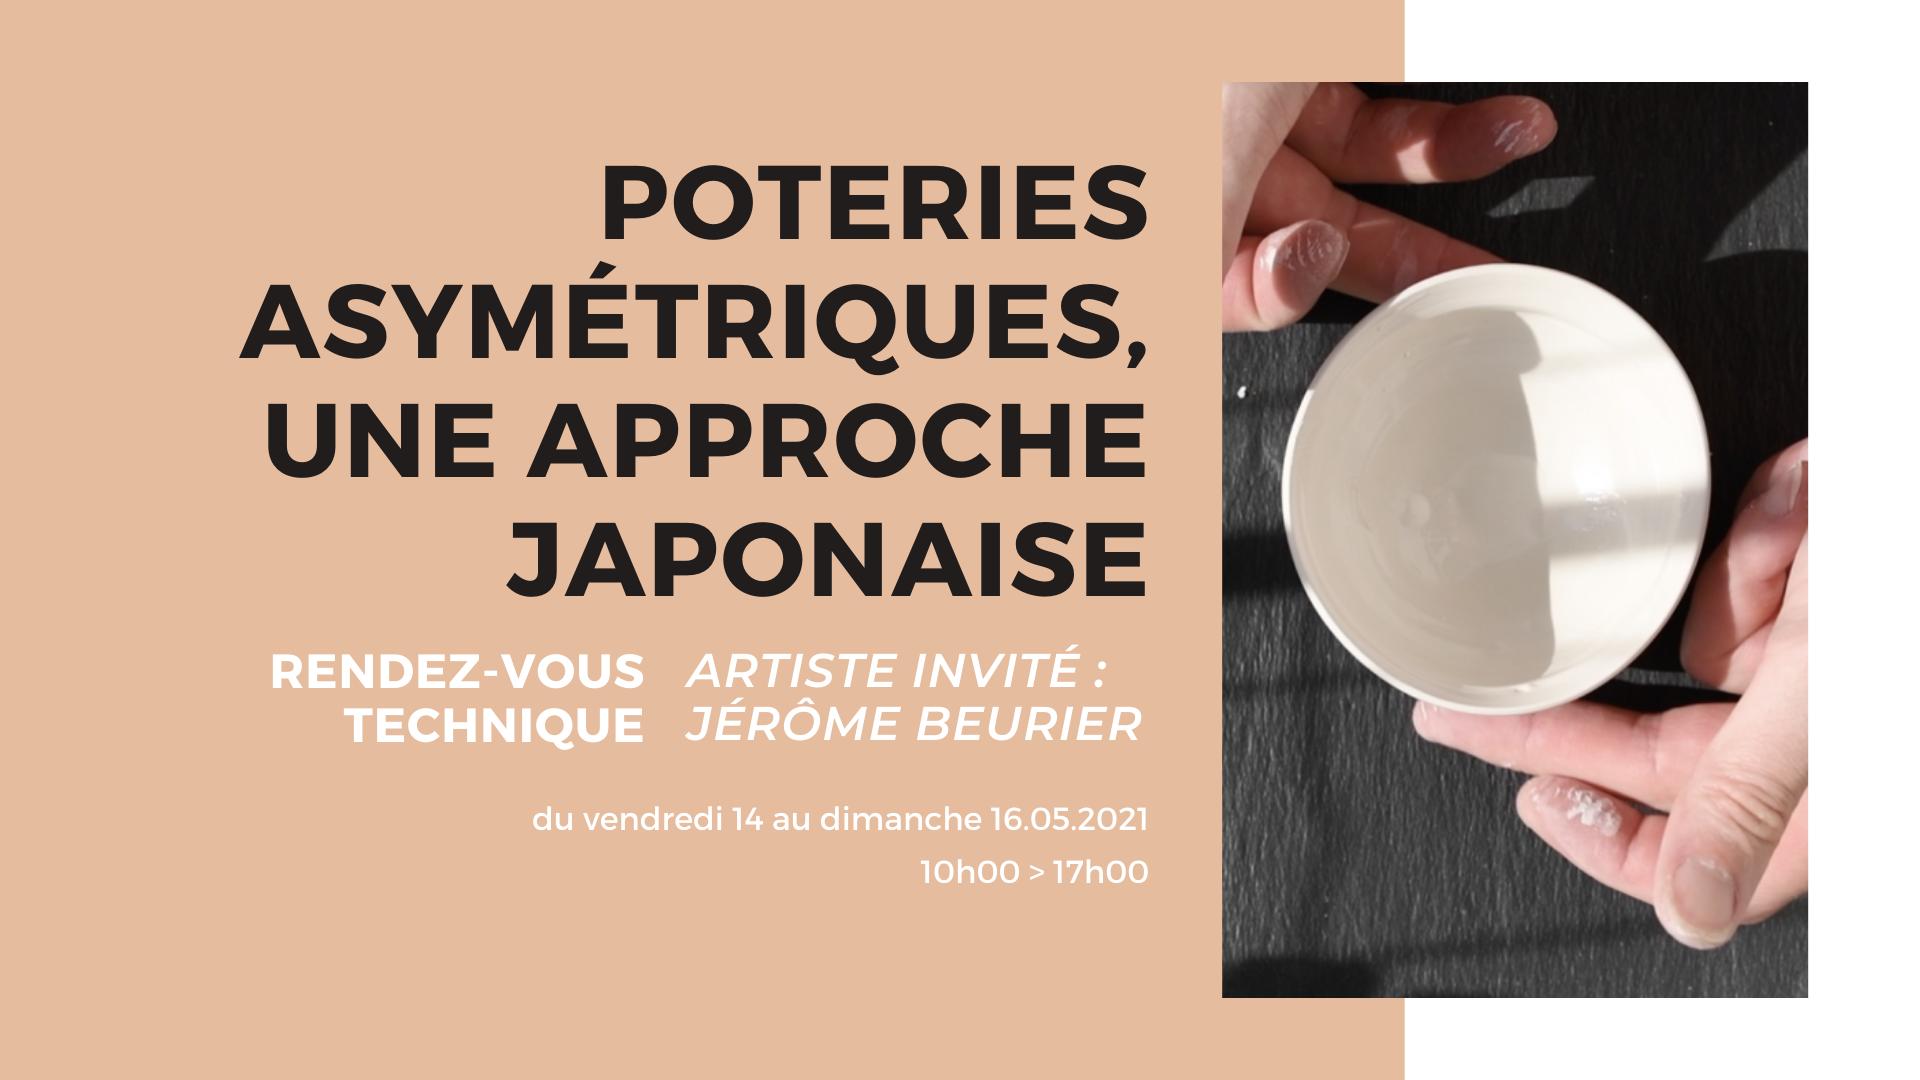 Rendez-vous technique, artiste invité Jérôme Beurier